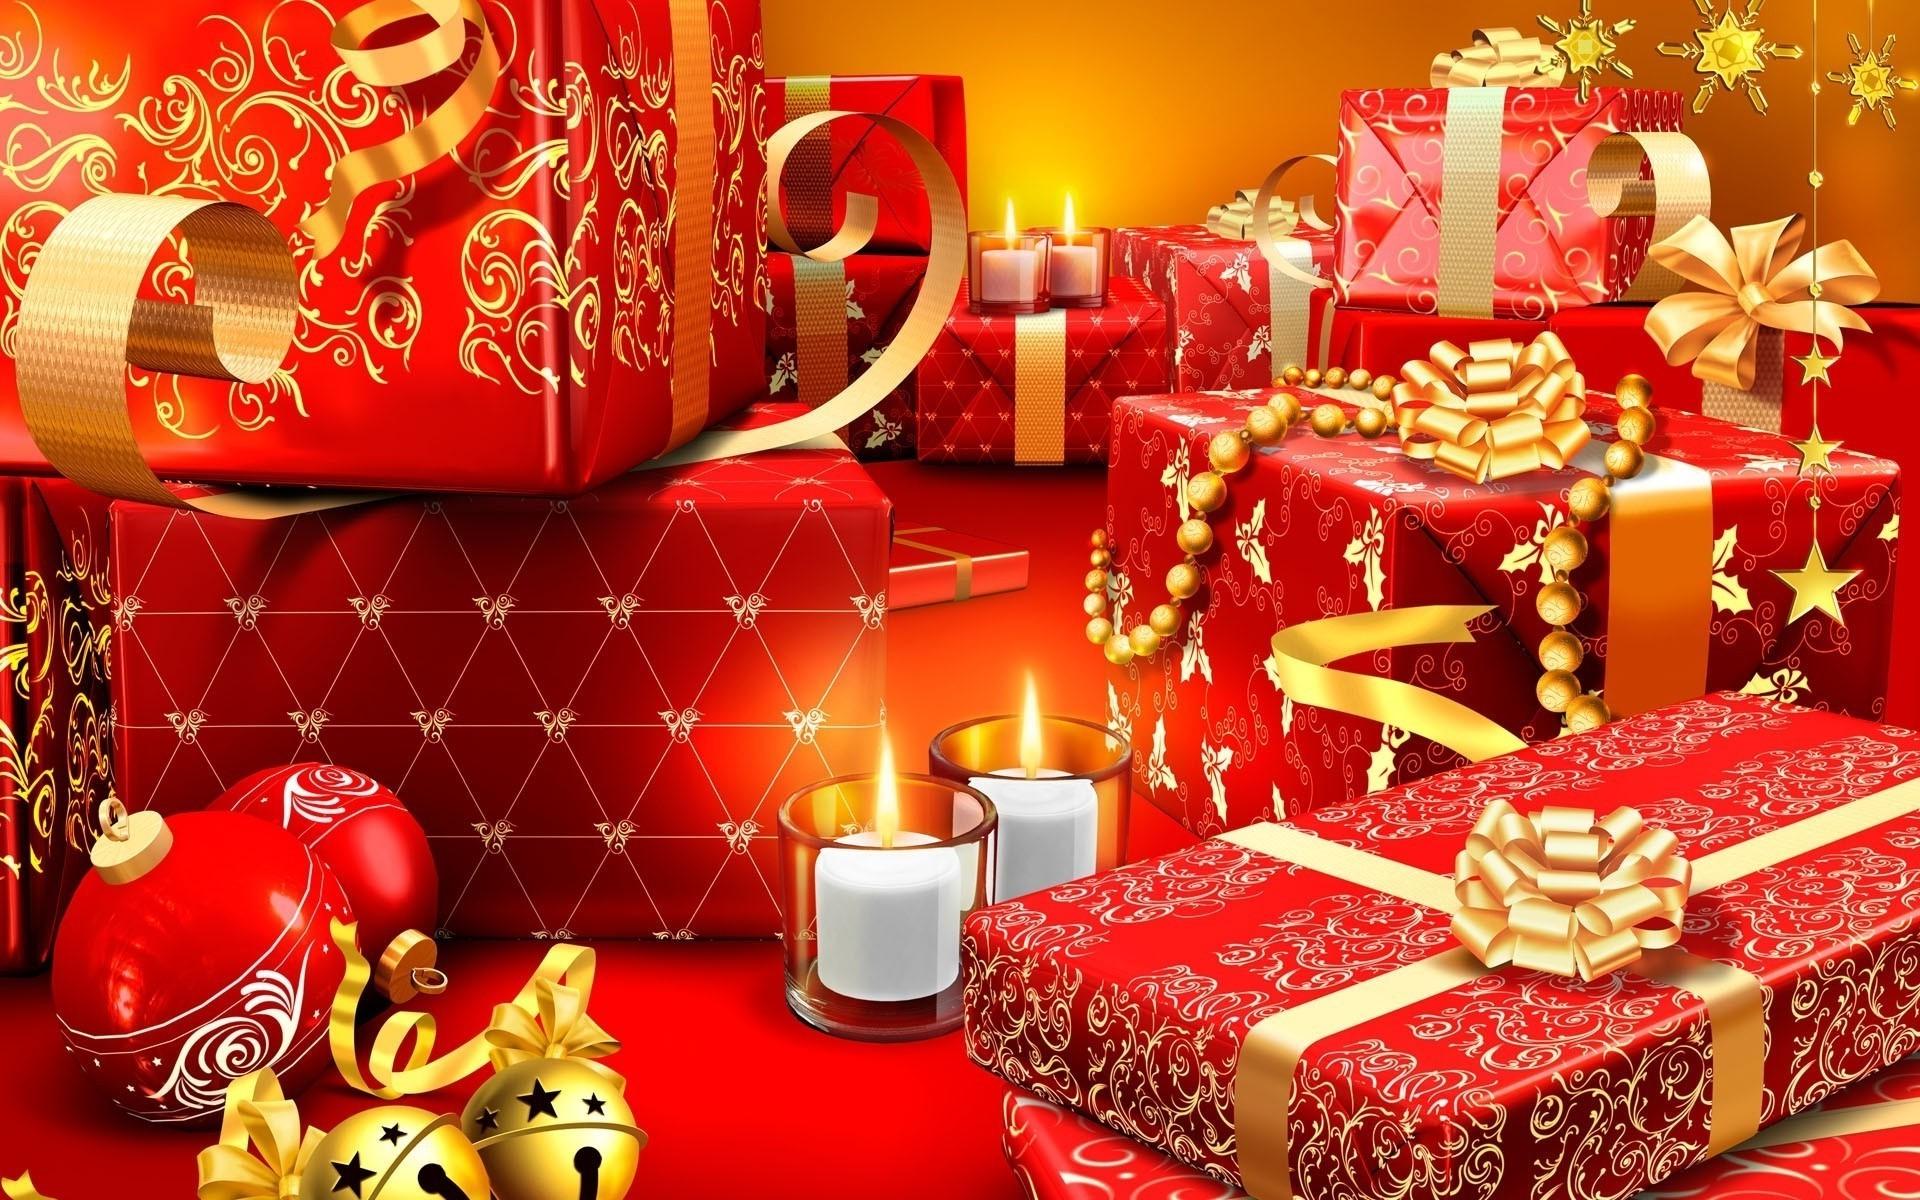 каждым праздничные обои для рабочего стола новый год производитель сумел предложить